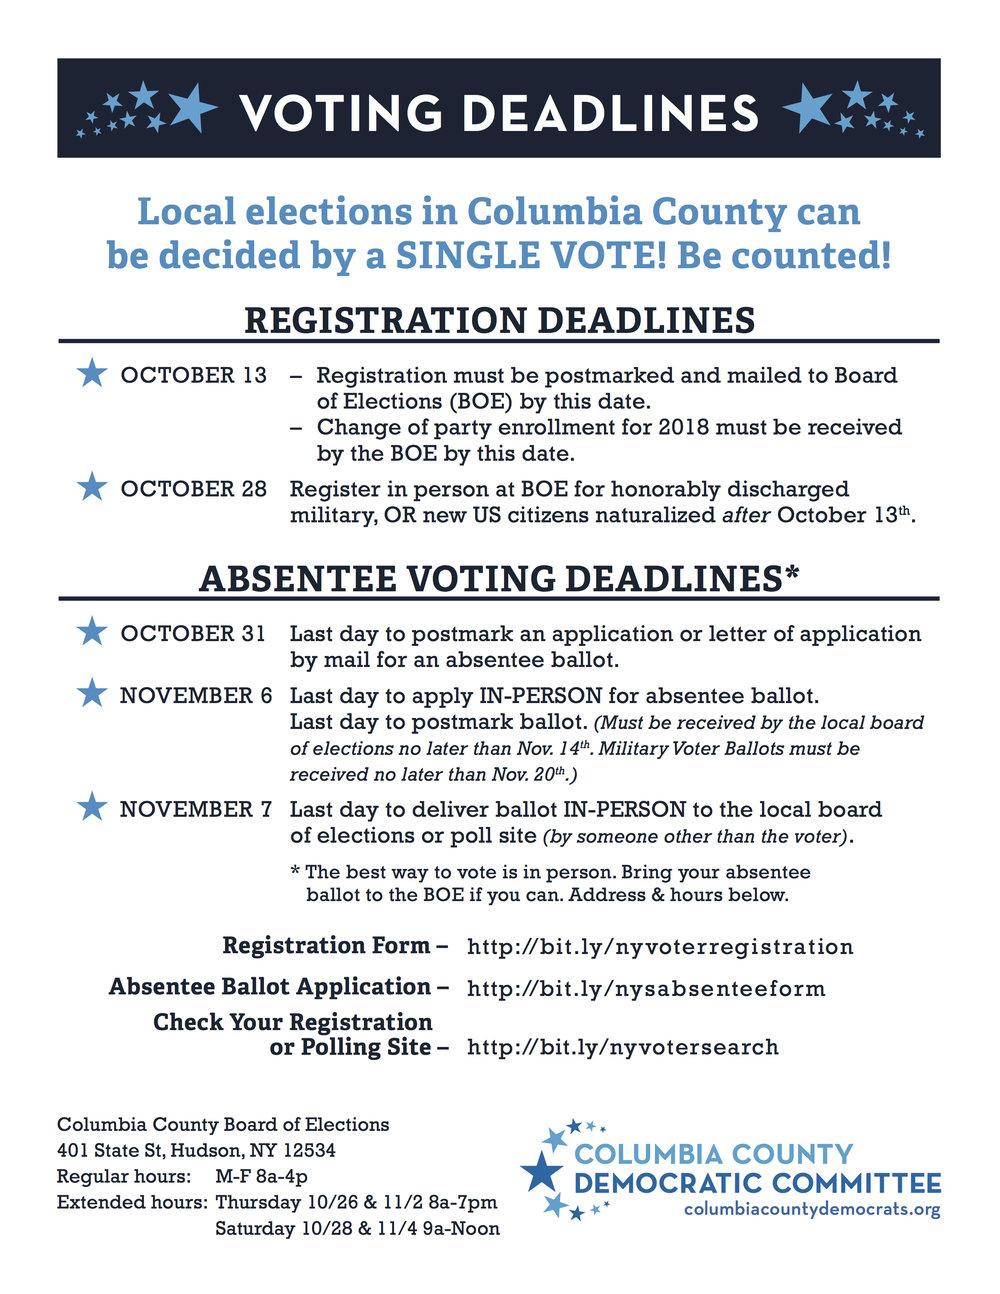 VOTINGDEADLINES.CCDC.sm.jpg